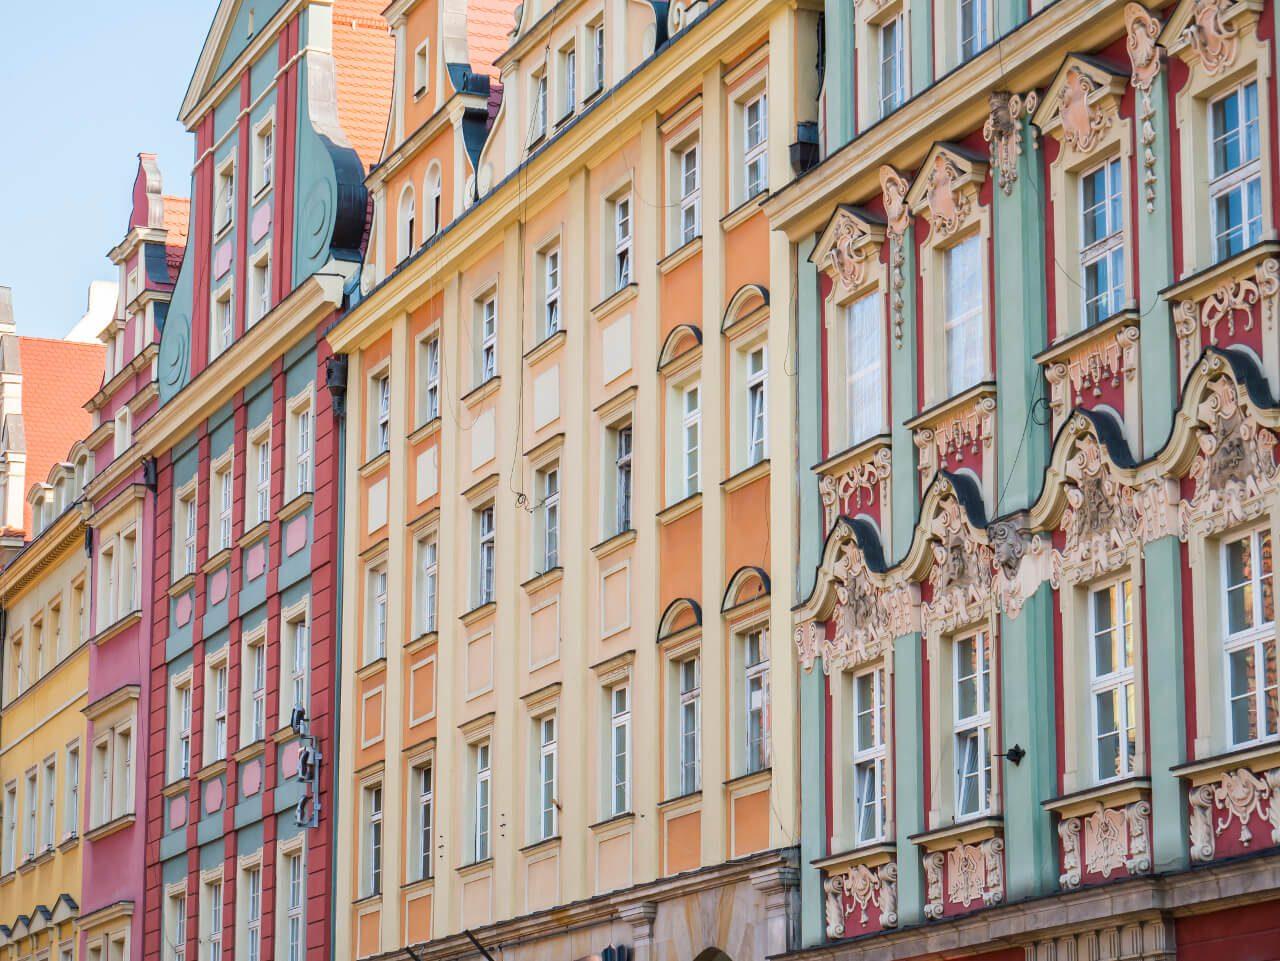 Kolorowe ściany kamienic we Wrocławiu (Rynek)